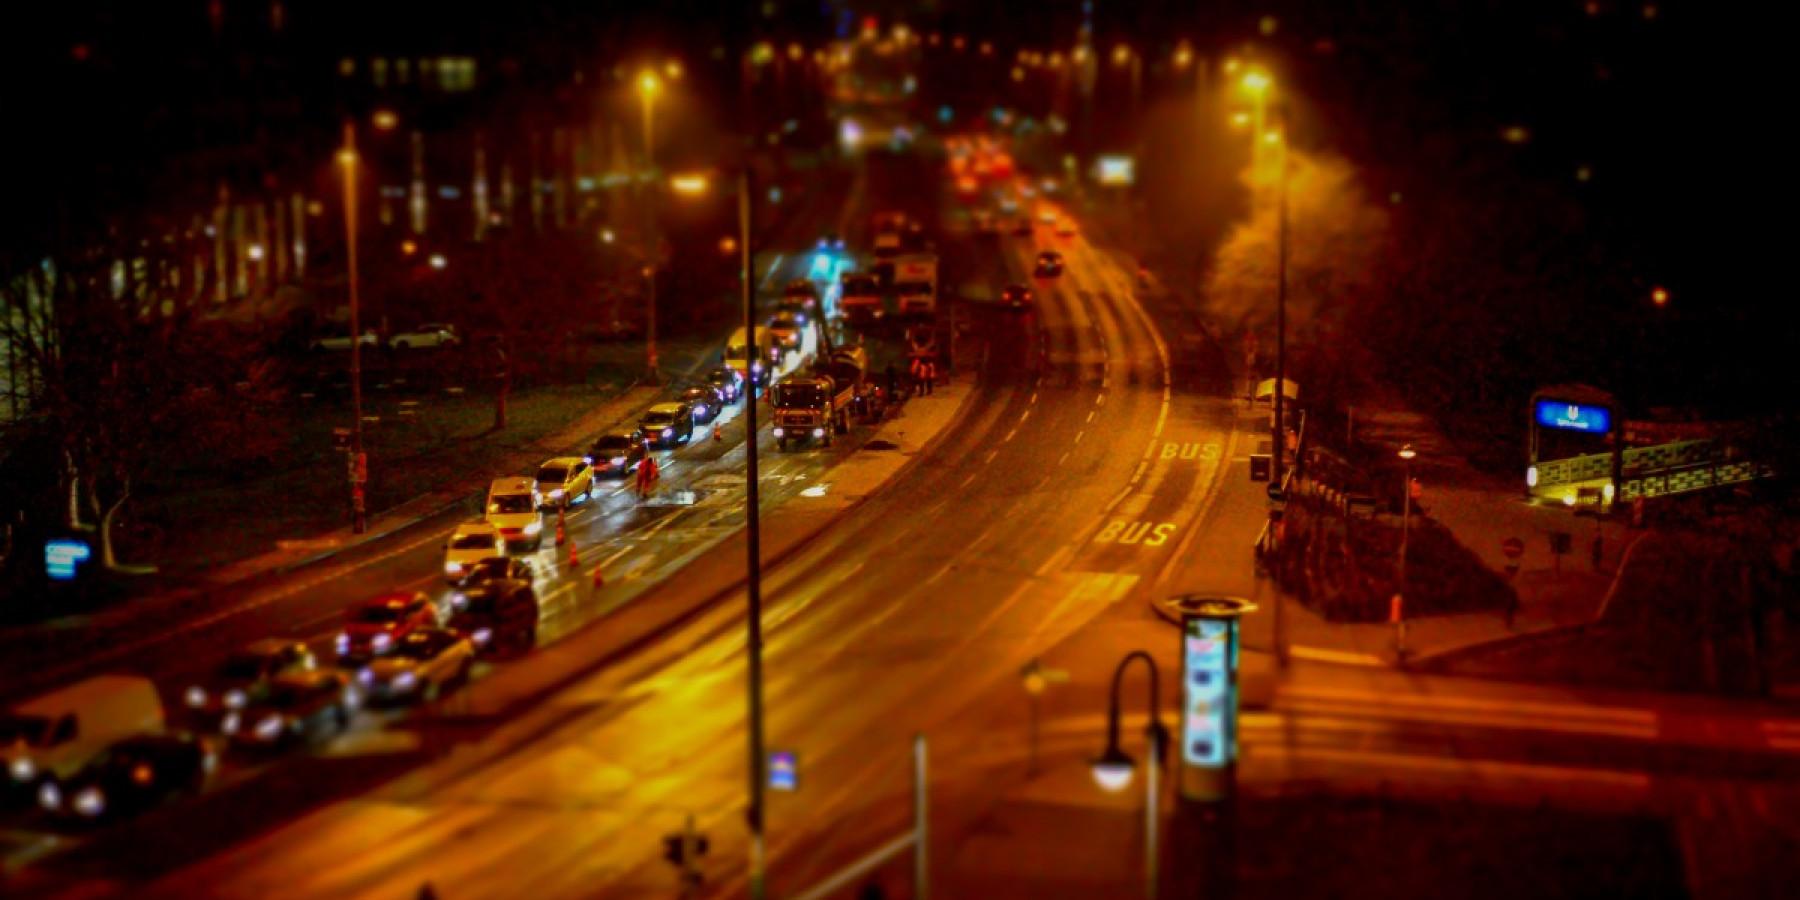 Straßenbauarbeiten in den Ferien: Weniger Beeinträchtigungen durch Nachtarbeit